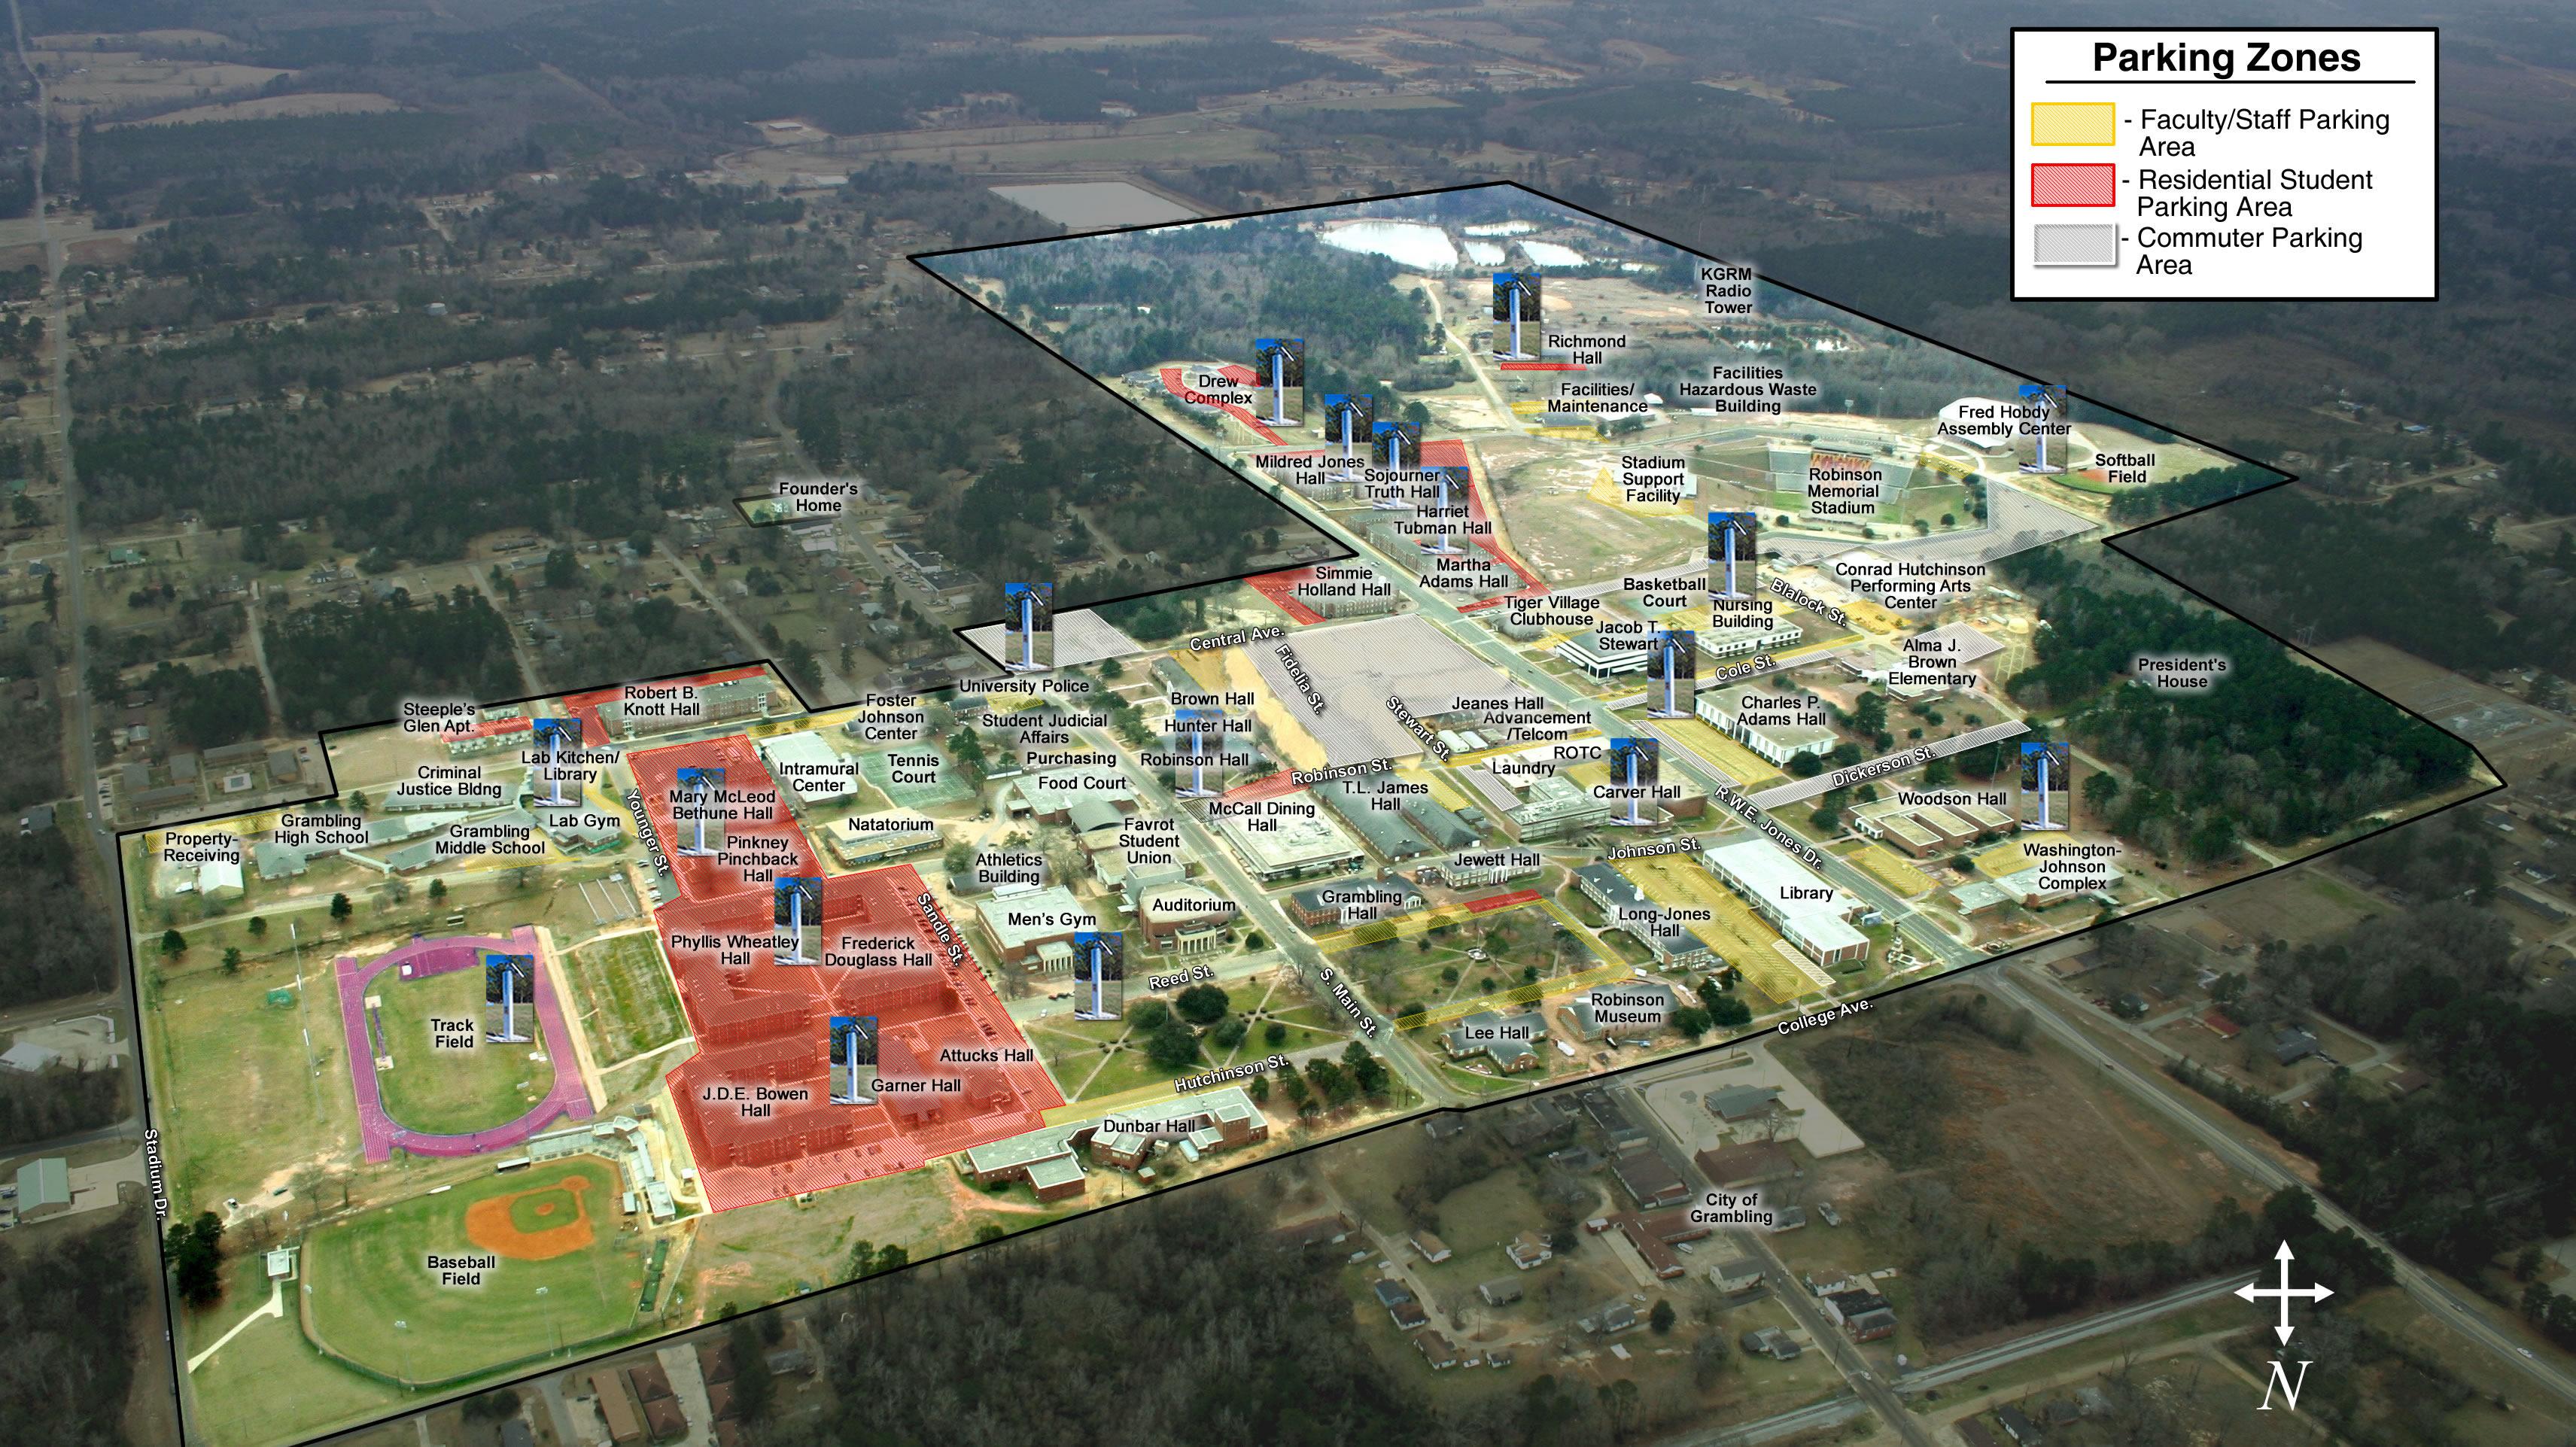 Grambling State University Parking Zones Map